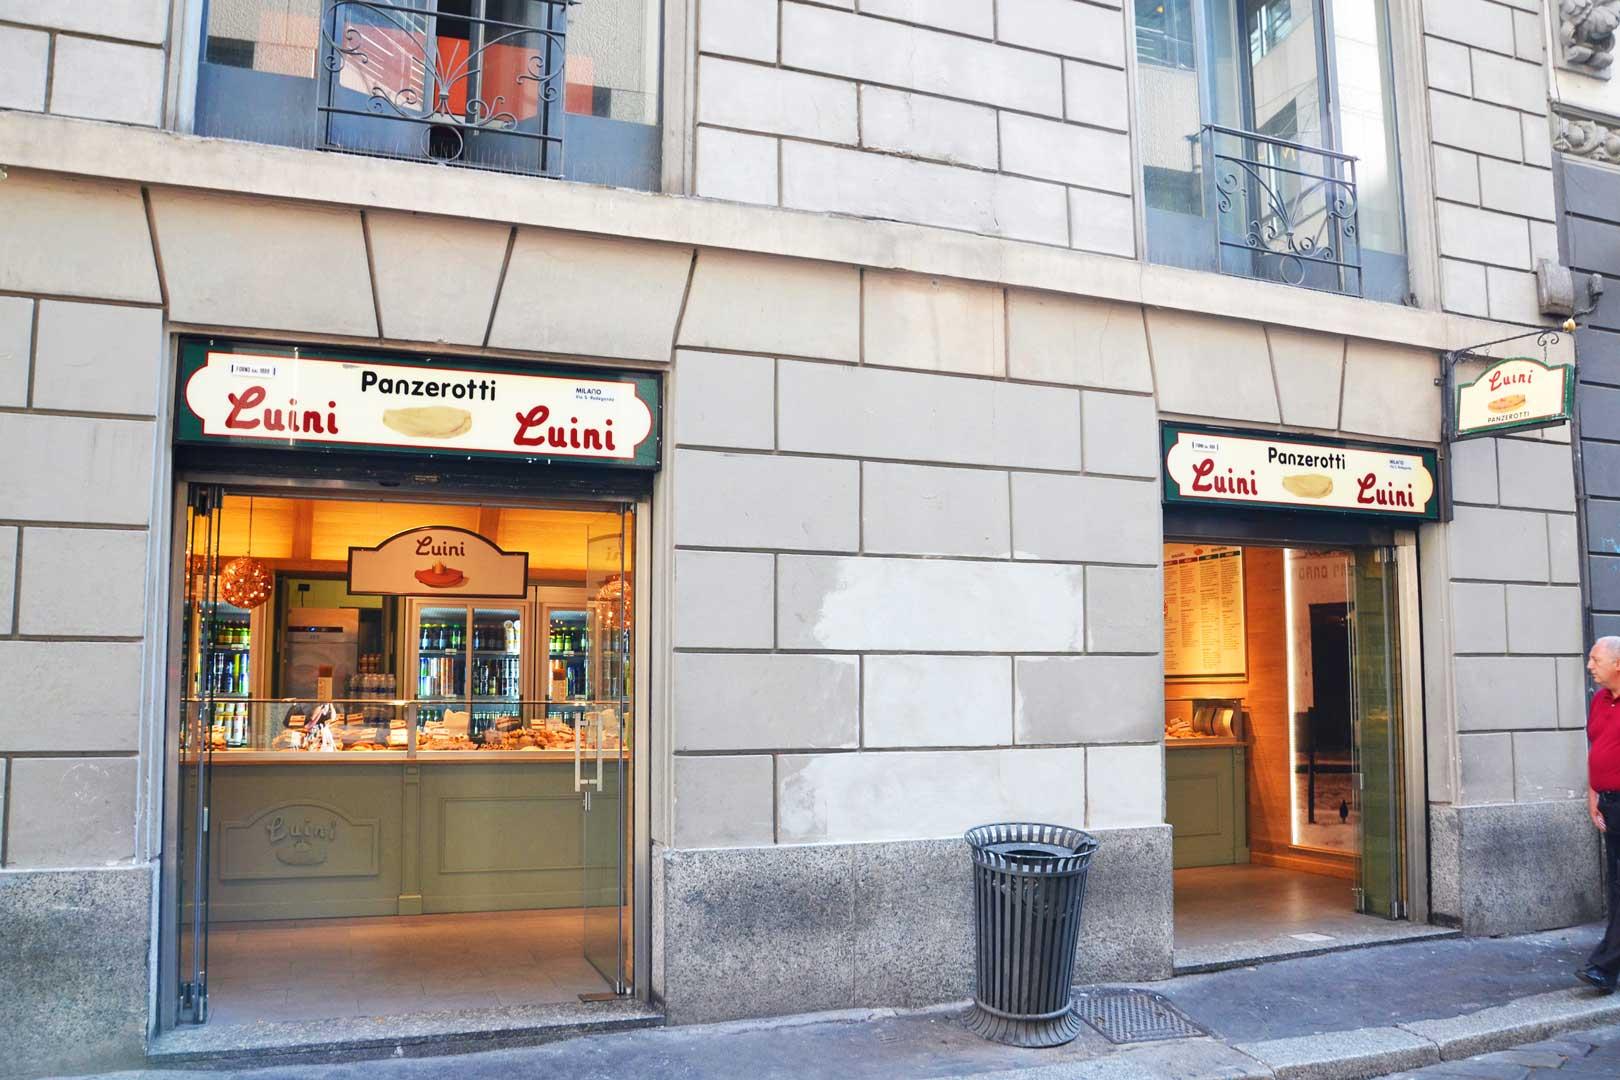 Luini Milano